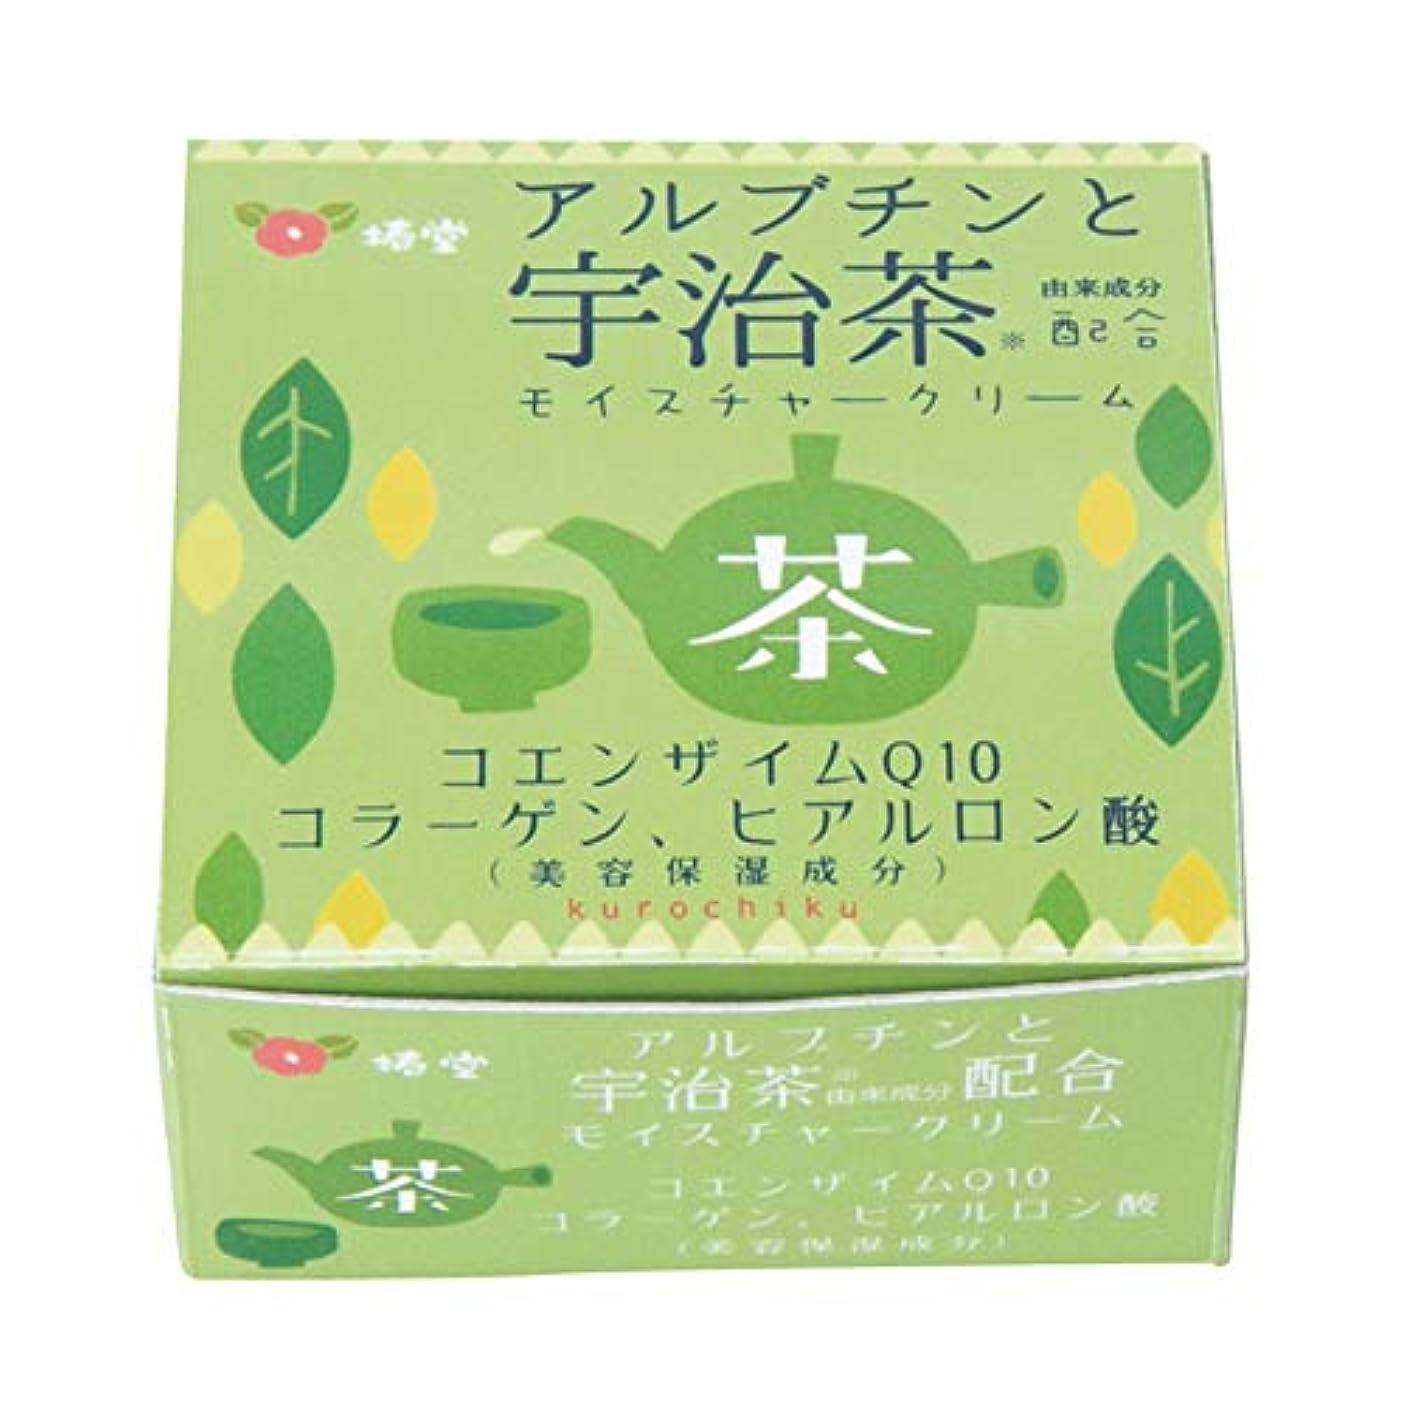 待って大きさパッチ椿堂 宇治茶モイスチャークリーム (アルブチンと宇治茶) 京都くろちく